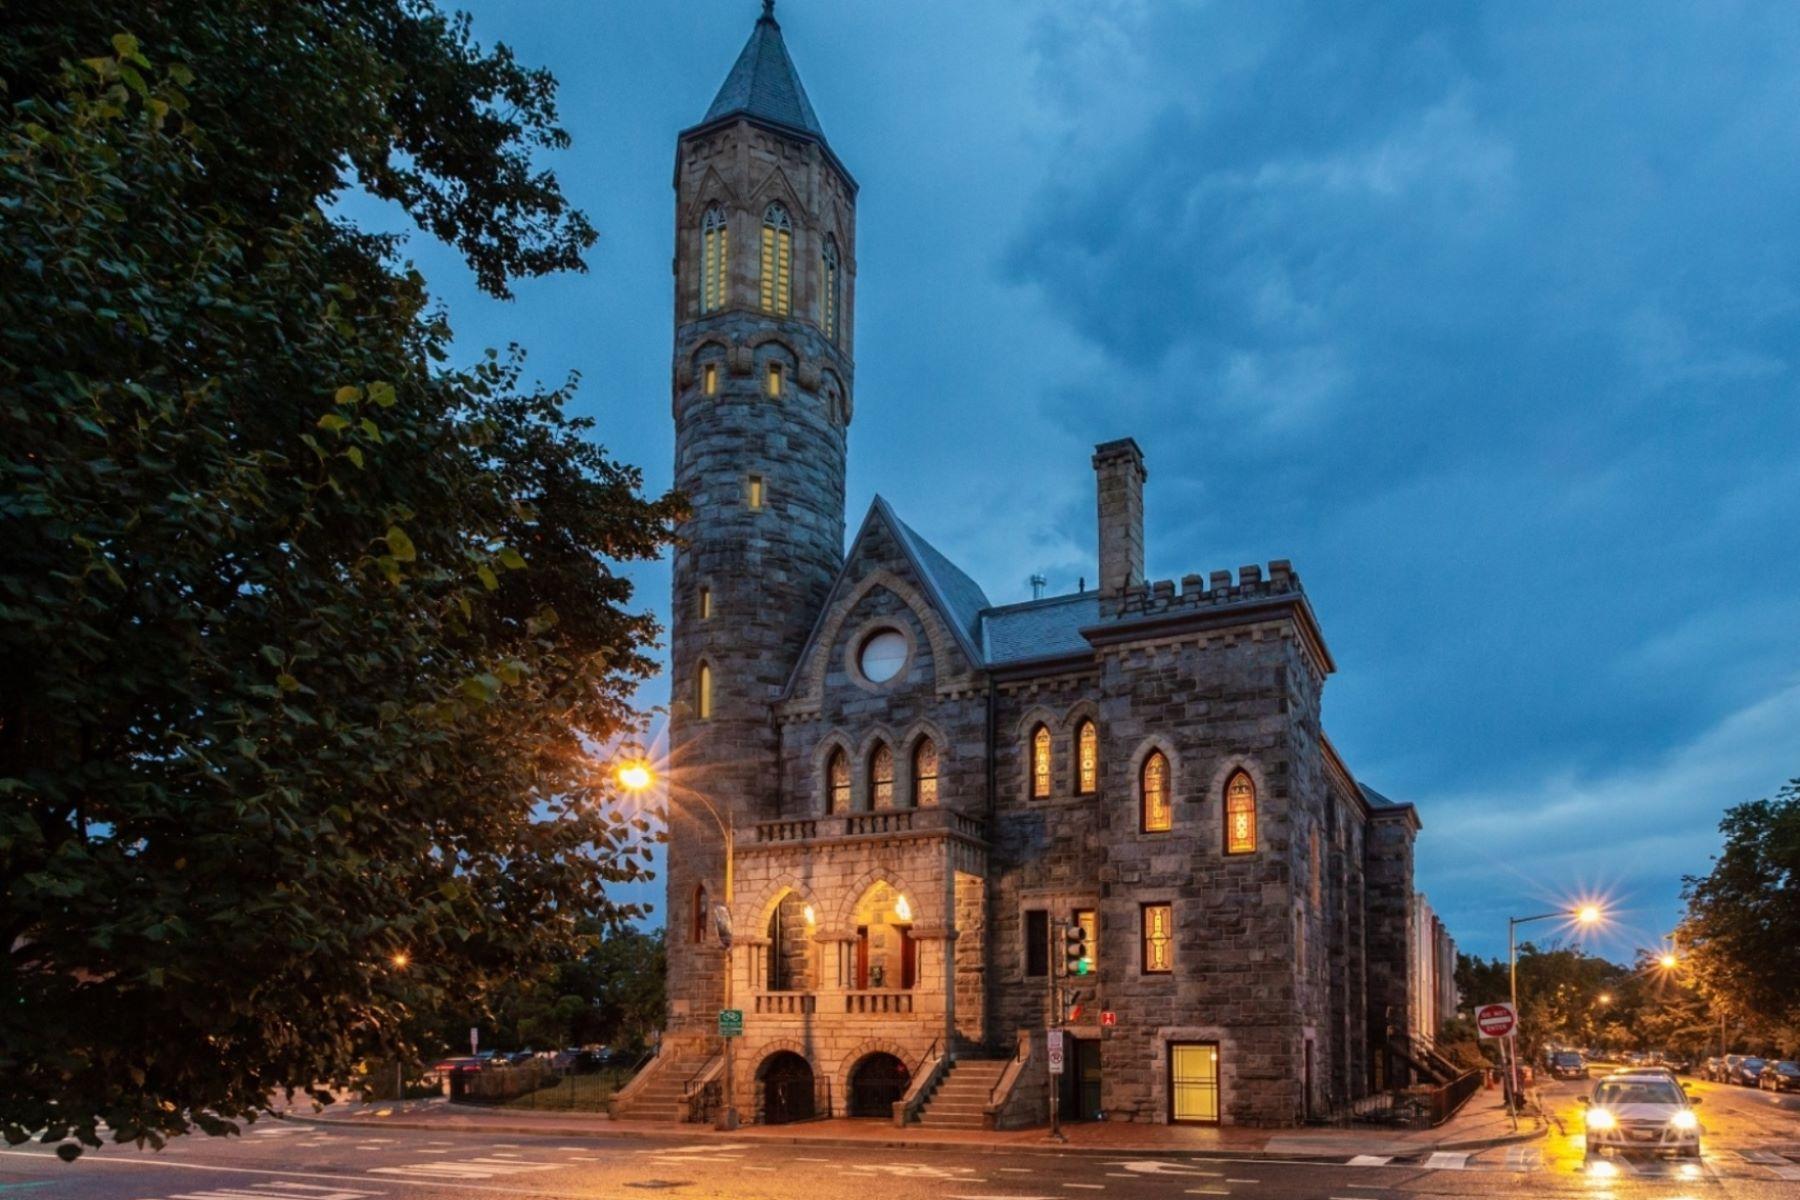 Condominium for Sale at 609 Maryland Ave NE #6 609 Maryland Avenue NE #6 Washington, District Of Columbia 20002 United States